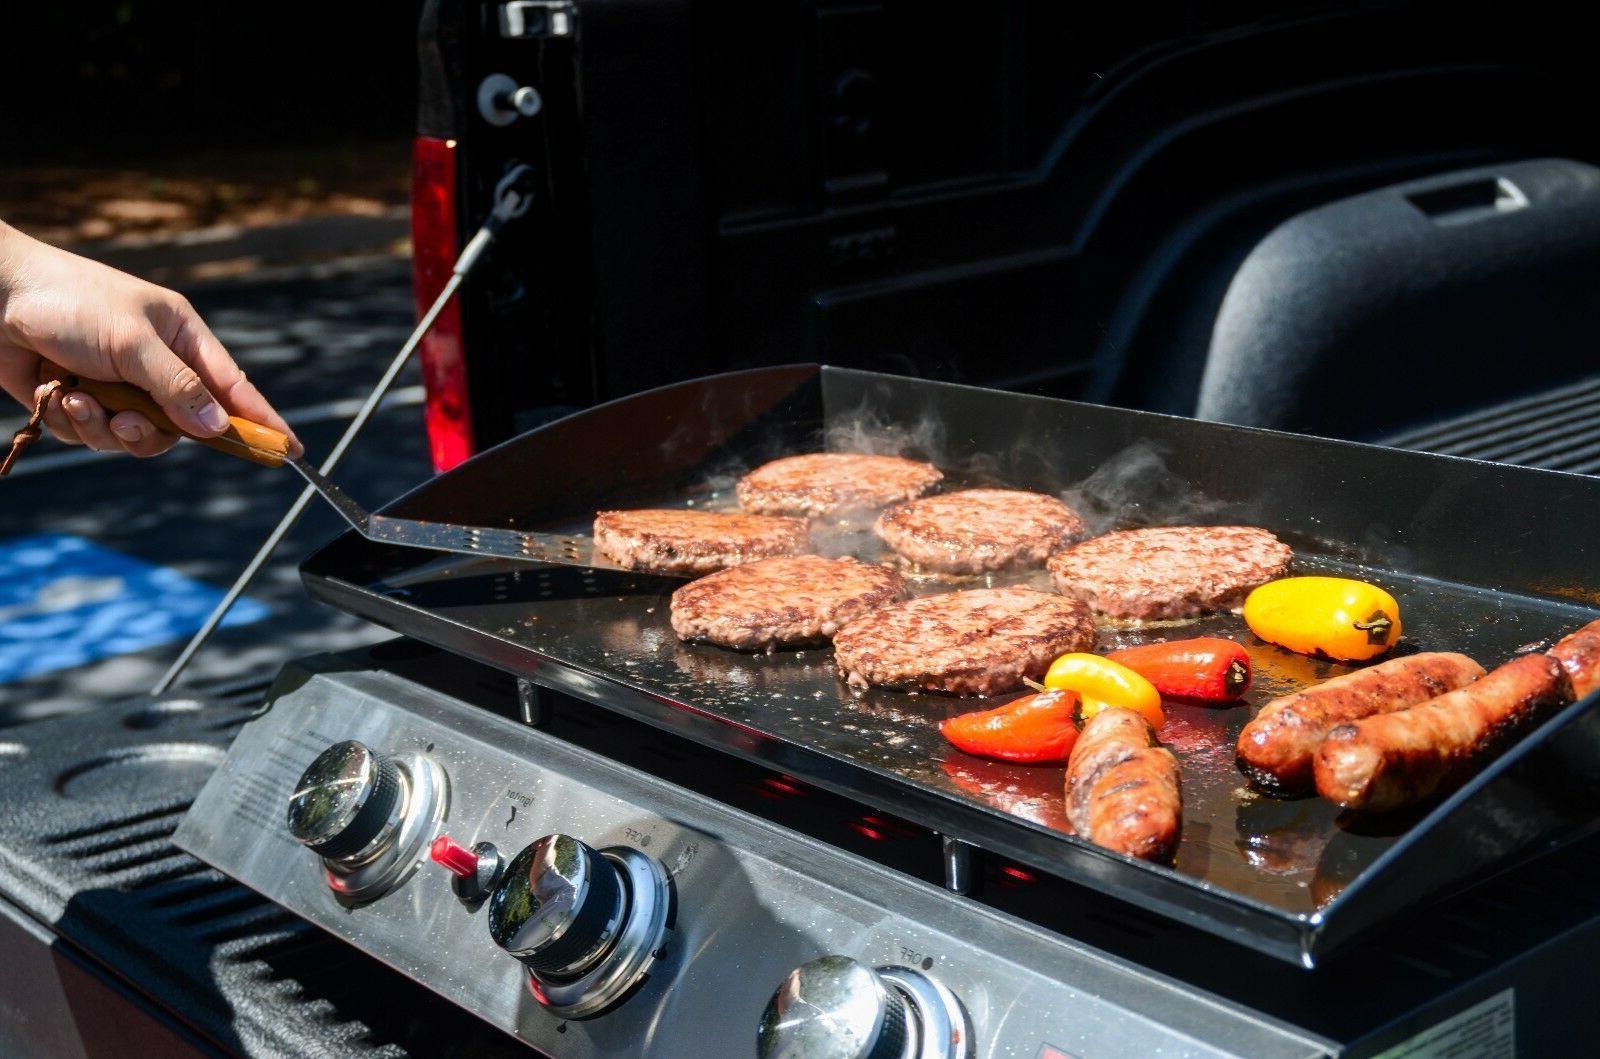 Royal Gourmet Portable 3-Burner Propane Griddle for